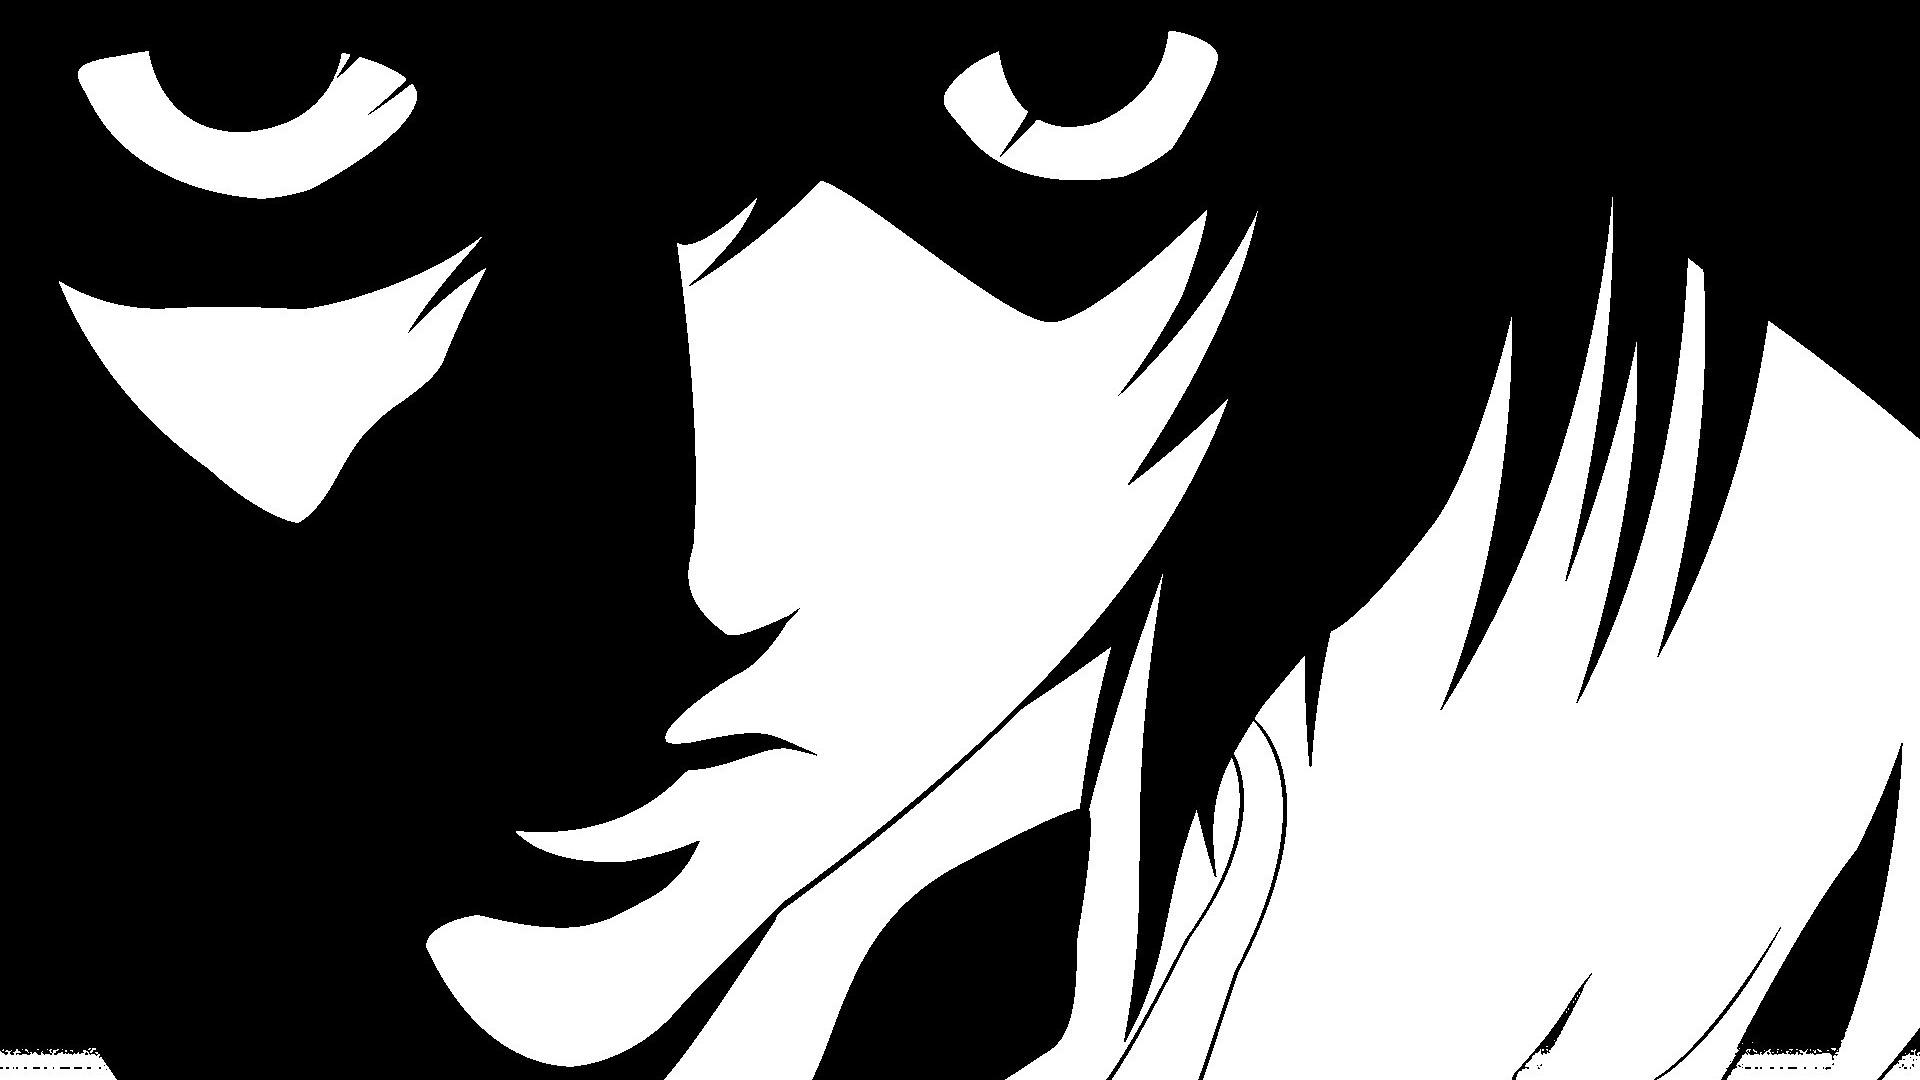 Gus van Sant verfilmt 'Death Note'